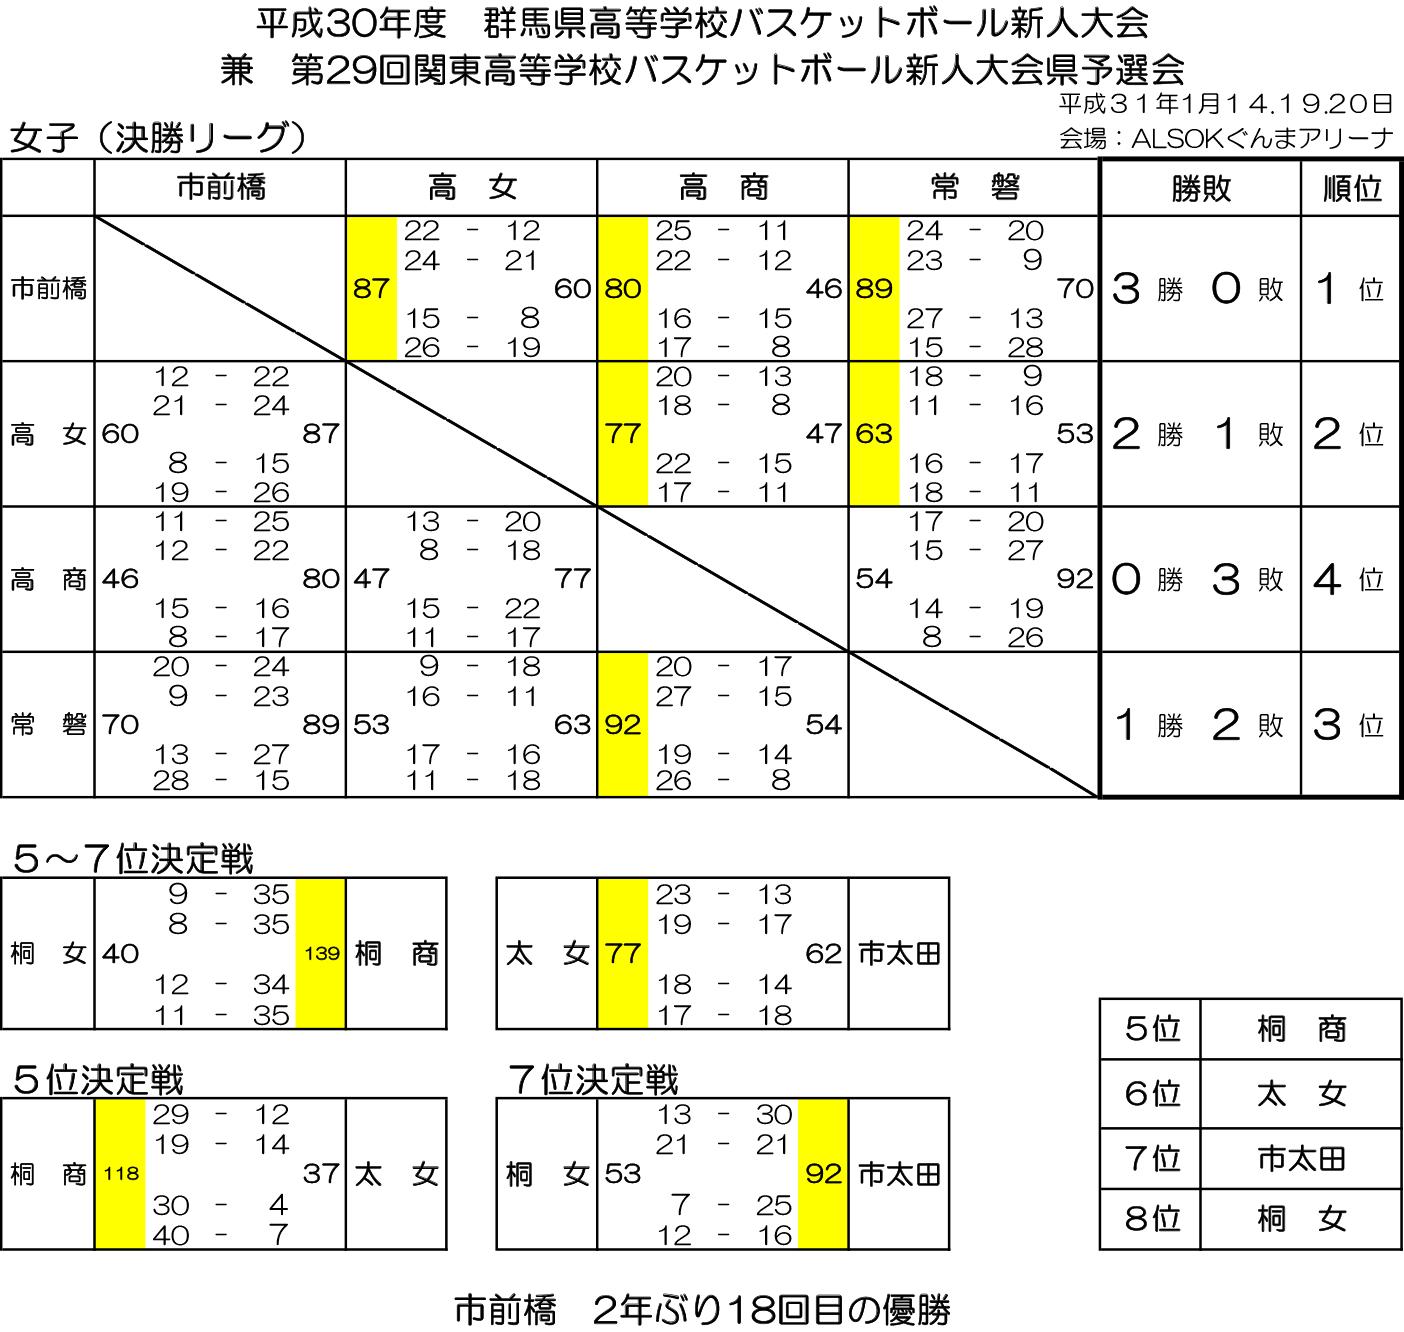 2018(平成30)年度 高体連新人大会 - 女子 結果 決勝リーグ